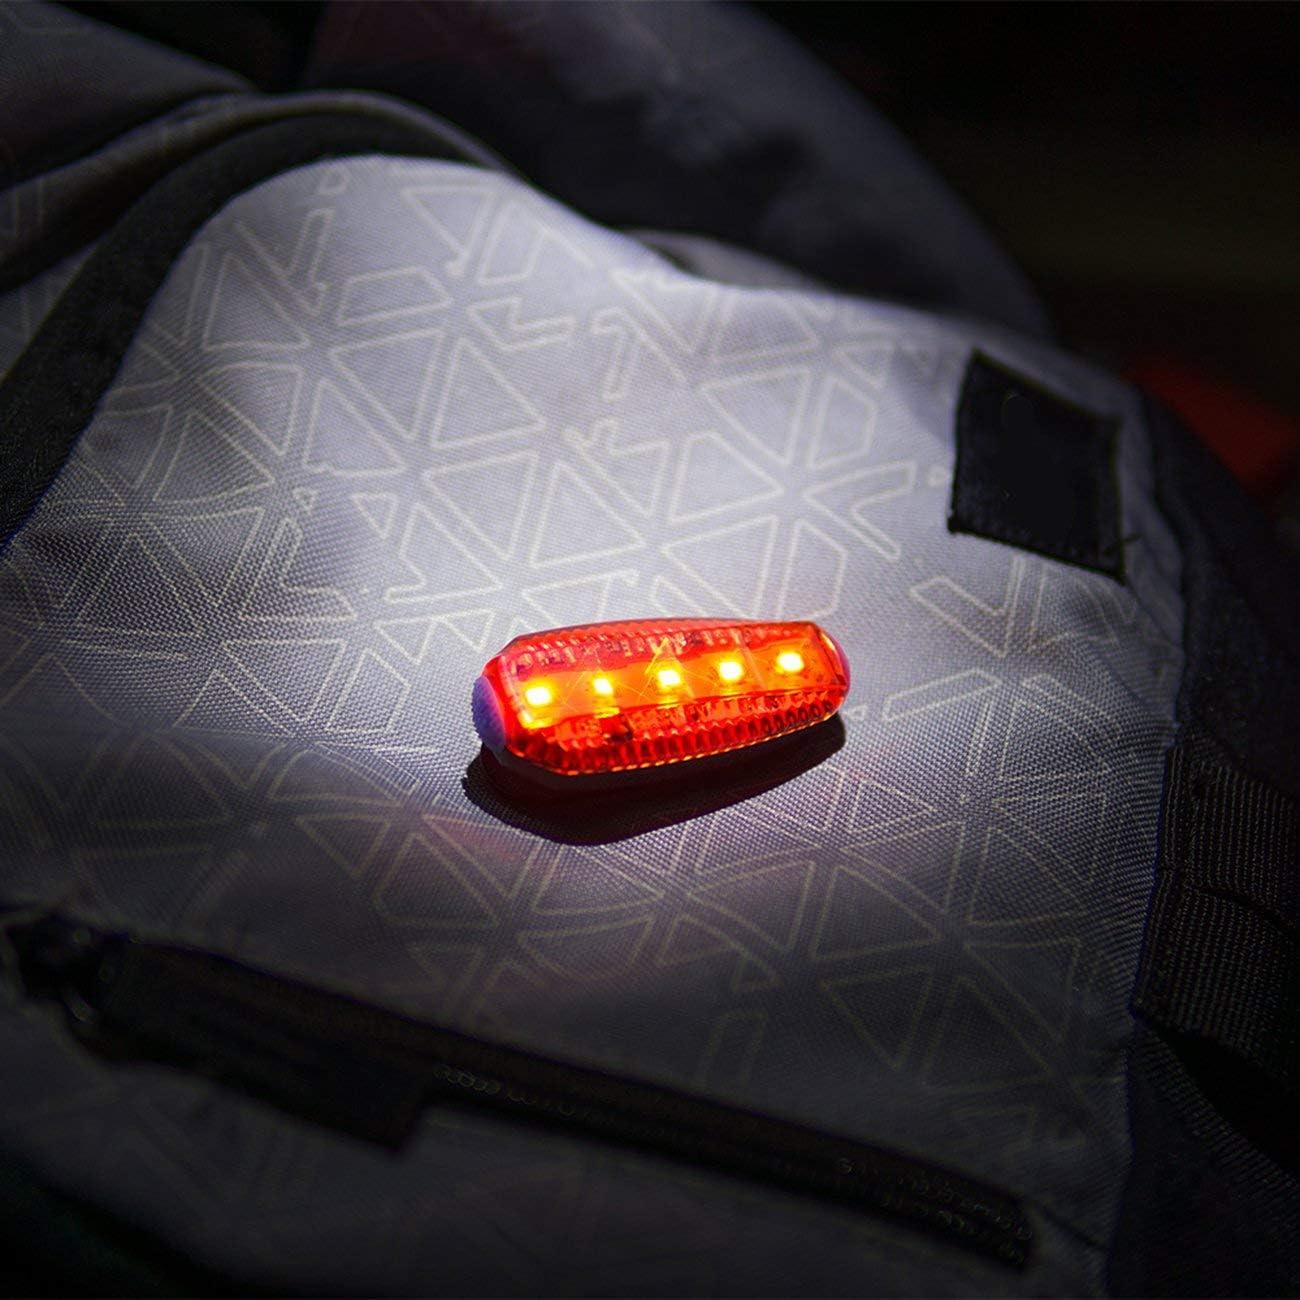 Rouge JIUY USB Batterie Rechargeable Route de Montagne v/élo Bicycle Pince s/écurit/é /étanche Avertissement arri/ère Feu arri/ère Lumi/ère de